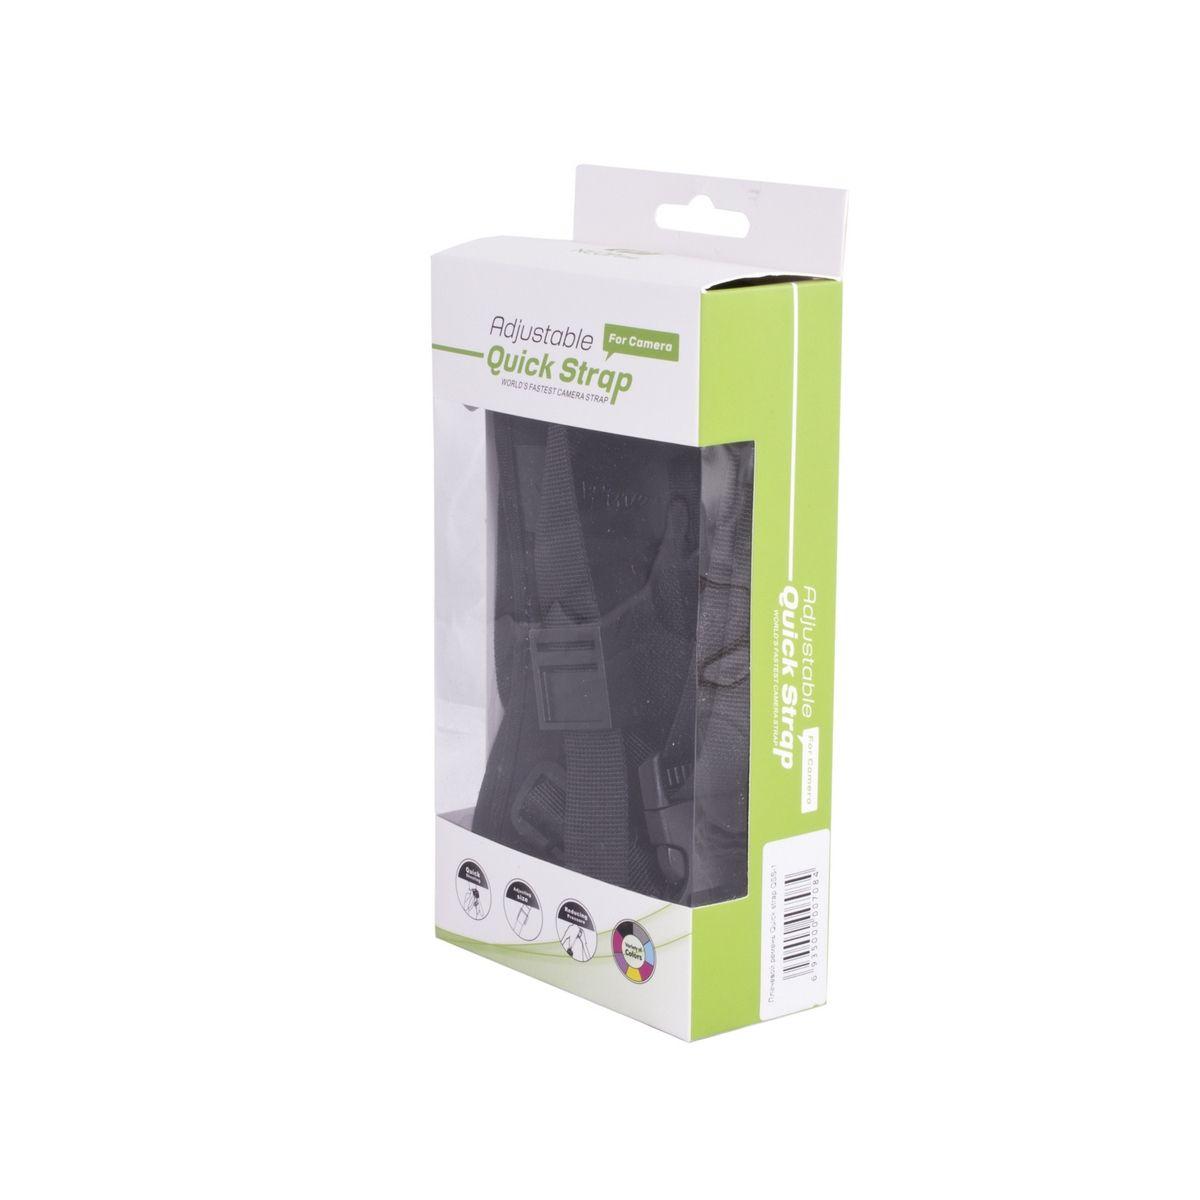 NeoPine NPQSS-1 плечевой ремень для фотокамерNPQSS-1Ремень для удобной фиксации и переноски зеркальных и системных фотокамер среднего формата. Двойная система крепления: стандартное винтовое и карабинное.